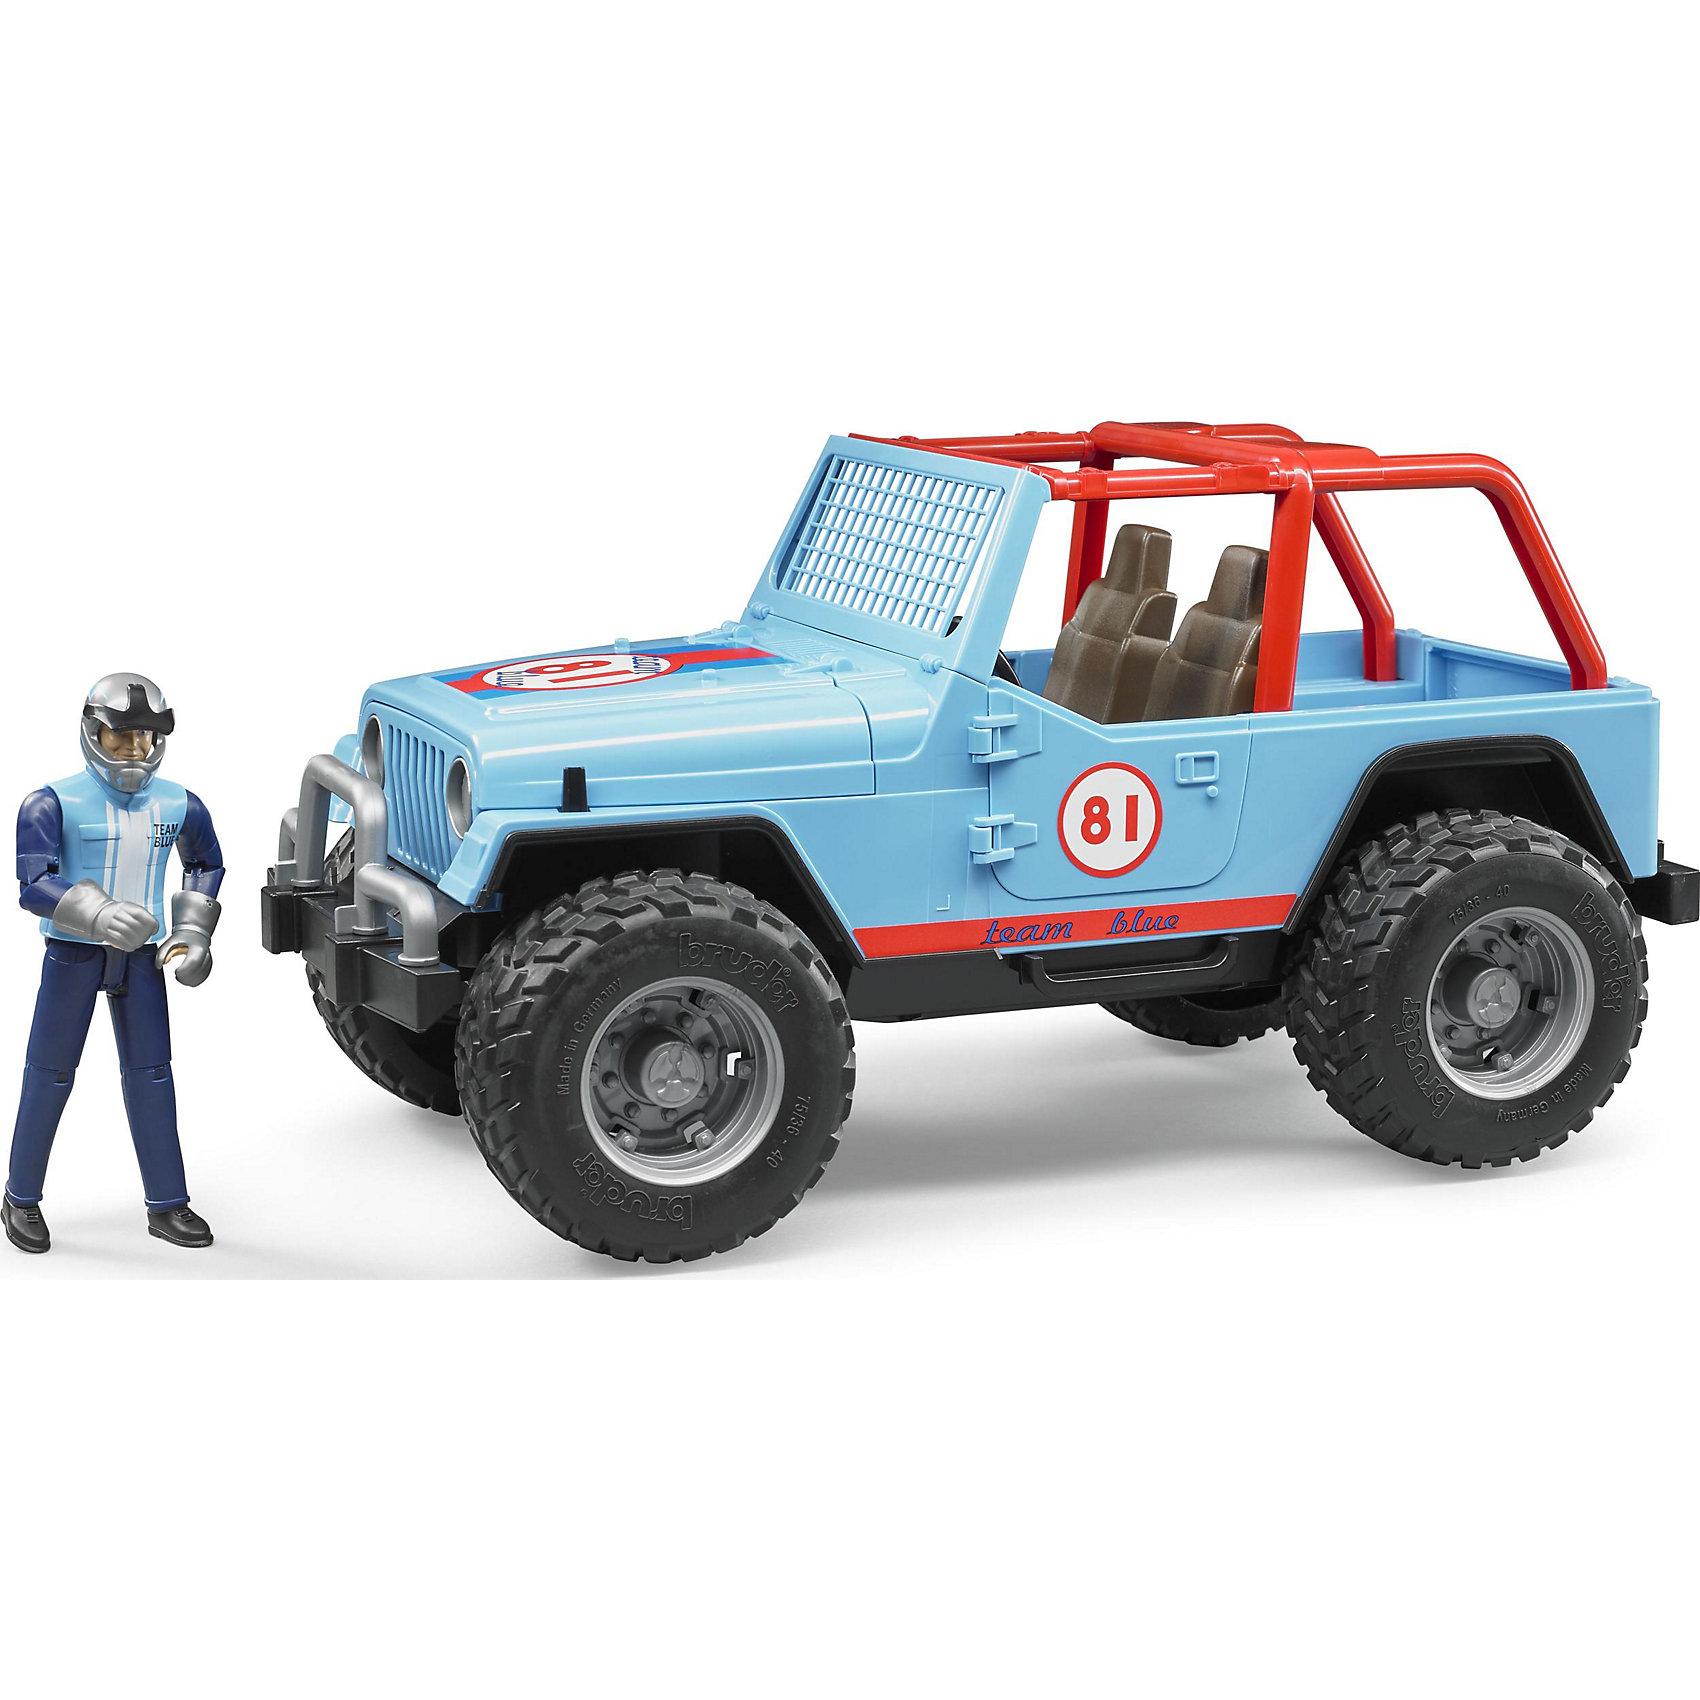 Внедорожник с гонщиком Cross Country Racer, синий, BruderМашинки<br>Внедорожник Cross Country Racer синий с гонщиком, Bruder (Брудер) – это игрушка, отличающаяся особой реалистичностью и правдоподобностью.<br>Внедорожник Cross Country Racer от немецкого производителя игрушек Bruder (Брудер) просто создан для соревнований и гонок. Он напоминает автомобиль марки Jeep Cross Country Racer. Автомобиль выглядит очень реалистично за счет детализации и проработки кузова, который дополнен яркими наклейками с номером участника гонок. Вместо лобового стекла у внедорожника установлена голубая решетка. По бокам машины стекол нет. В салоне находятся два сидения. Двери, багажник и капот открываются, под капотом расположен мощный двигатель. Есть фаркоп. На передних и задних осях внедорожника установлены амортизаторы, позволяющие машине проехать по любой трассе. Большие прорезиненные колеса с рельефными протекторами обеспечивают отличное сцепление с дорогой. В наборе имеется фигурка водителя. Водитель одет в синий костюм с голубым жилетом и перчатки, а на его голове находится шлем с креплением на подбородке для безопасной езды. Игрушка изготовлена из высококачественного пластика, устойчивого к износу и ударам. Продукция сертифицирована, экологически безопасна для ребенка, использованные красители не токсичны и гипоаллергенны.<br><br>Дополнительная информация:<br><br>- В комплекте: машинка, фигурка гонщика, шлем<br>- Размер внедорожника: 29,5x15x15 см.<br>- Масштаб 1:16<br>- Материал: высококачественный пластик<br>- Цвет: синий, красный, черный<br><br>Внедорожник Cross Country Racer синий с гонщиком, Bruder (Брудер) можно купить в нашем интернет-магазине.<br><br>Ширина мм: 385<br>Глубина мм: 182<br>Высота мм: 162<br>Вес г: 771<br>Возраст от месяцев: 36<br>Возраст до месяцев: 96<br>Пол: Мужской<br>Возраст: Детский<br>SKU: 4439592